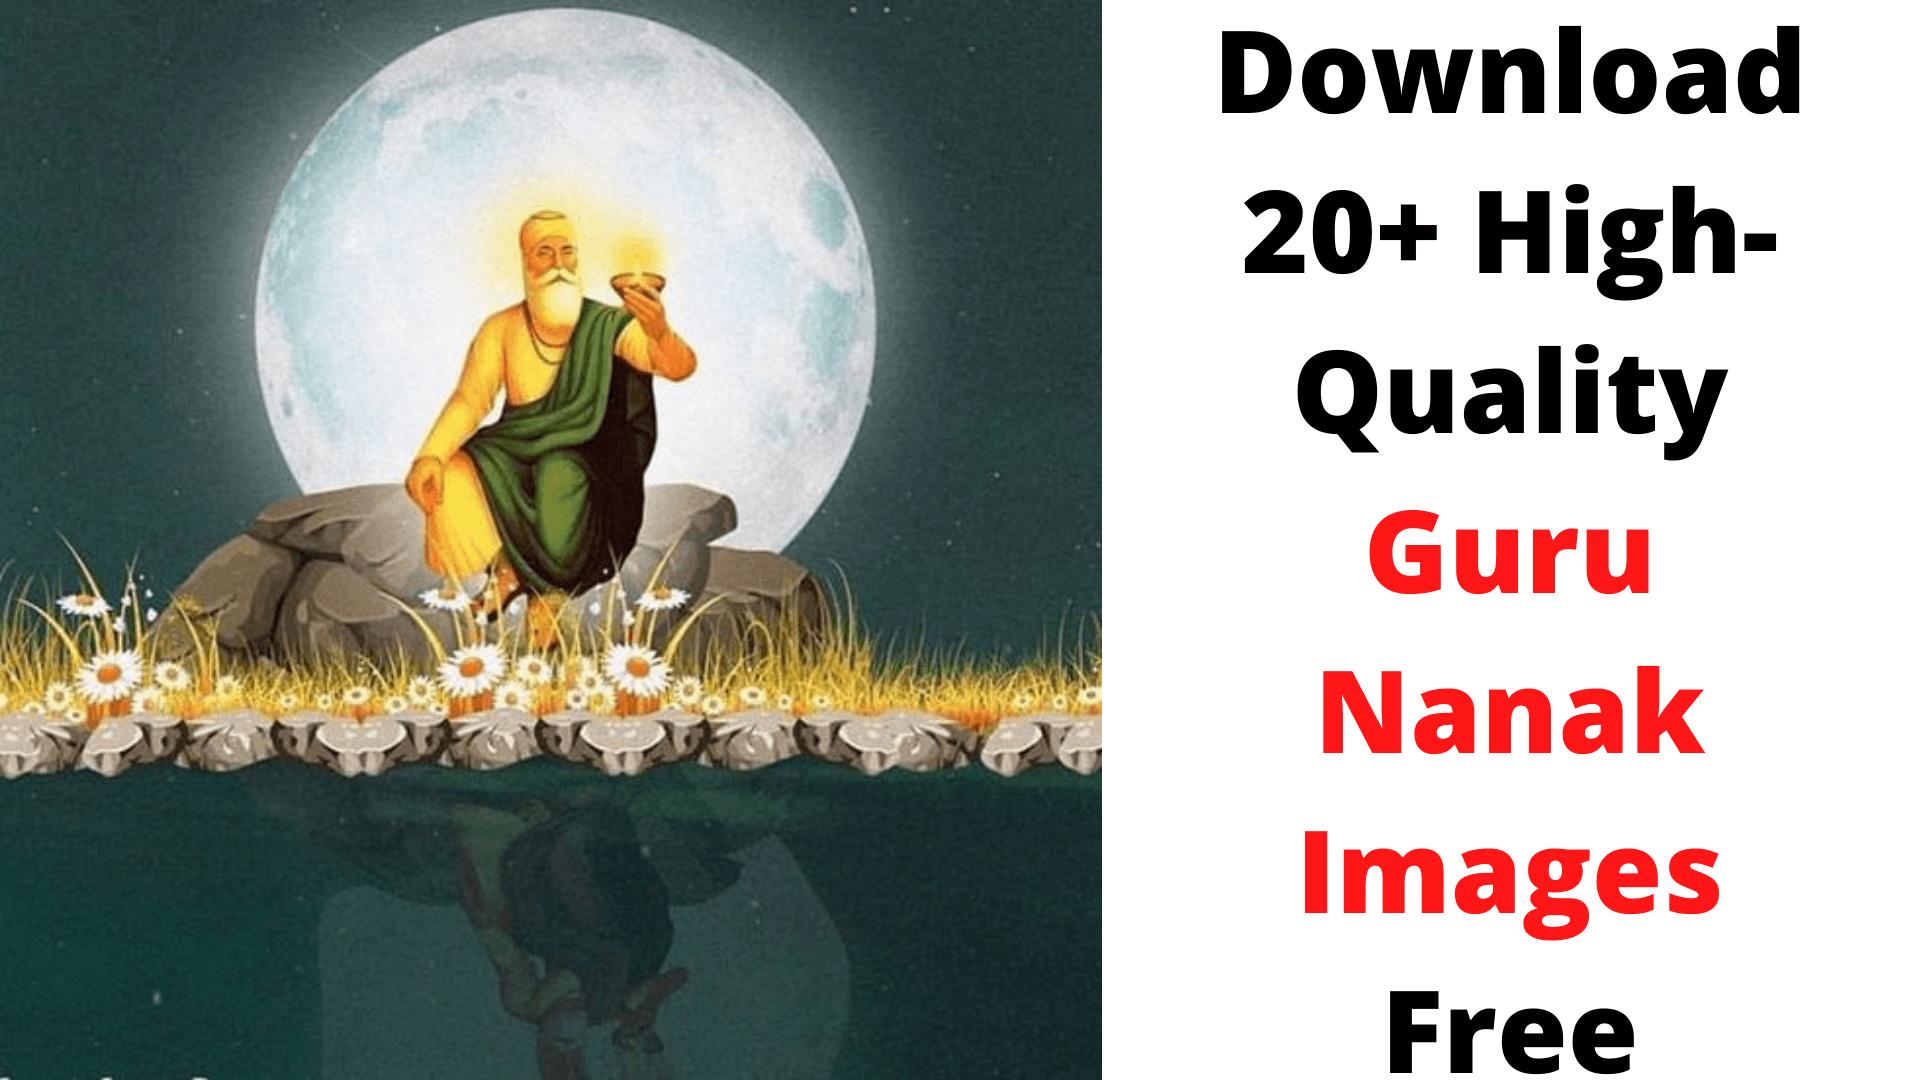 Guru Nanak Images